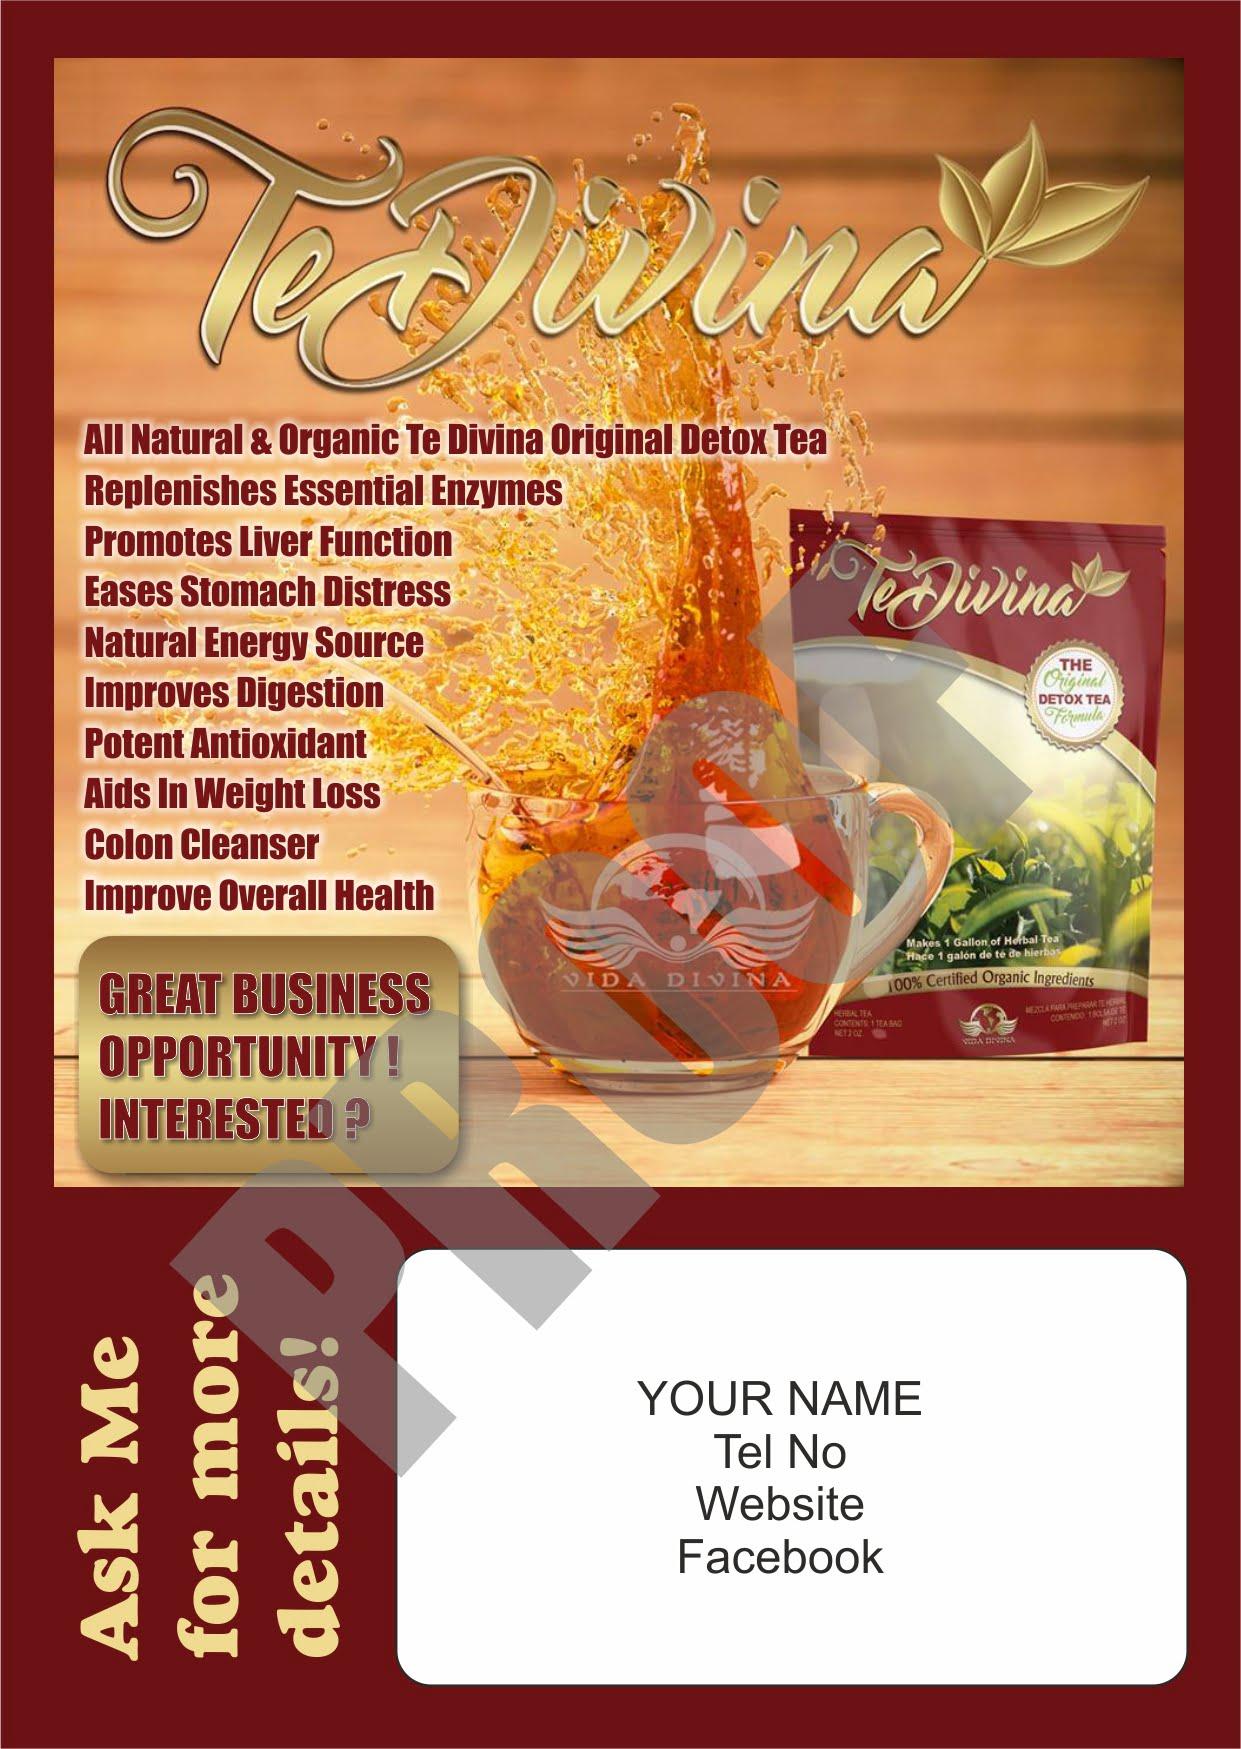 vida divina detox tea blitz cards